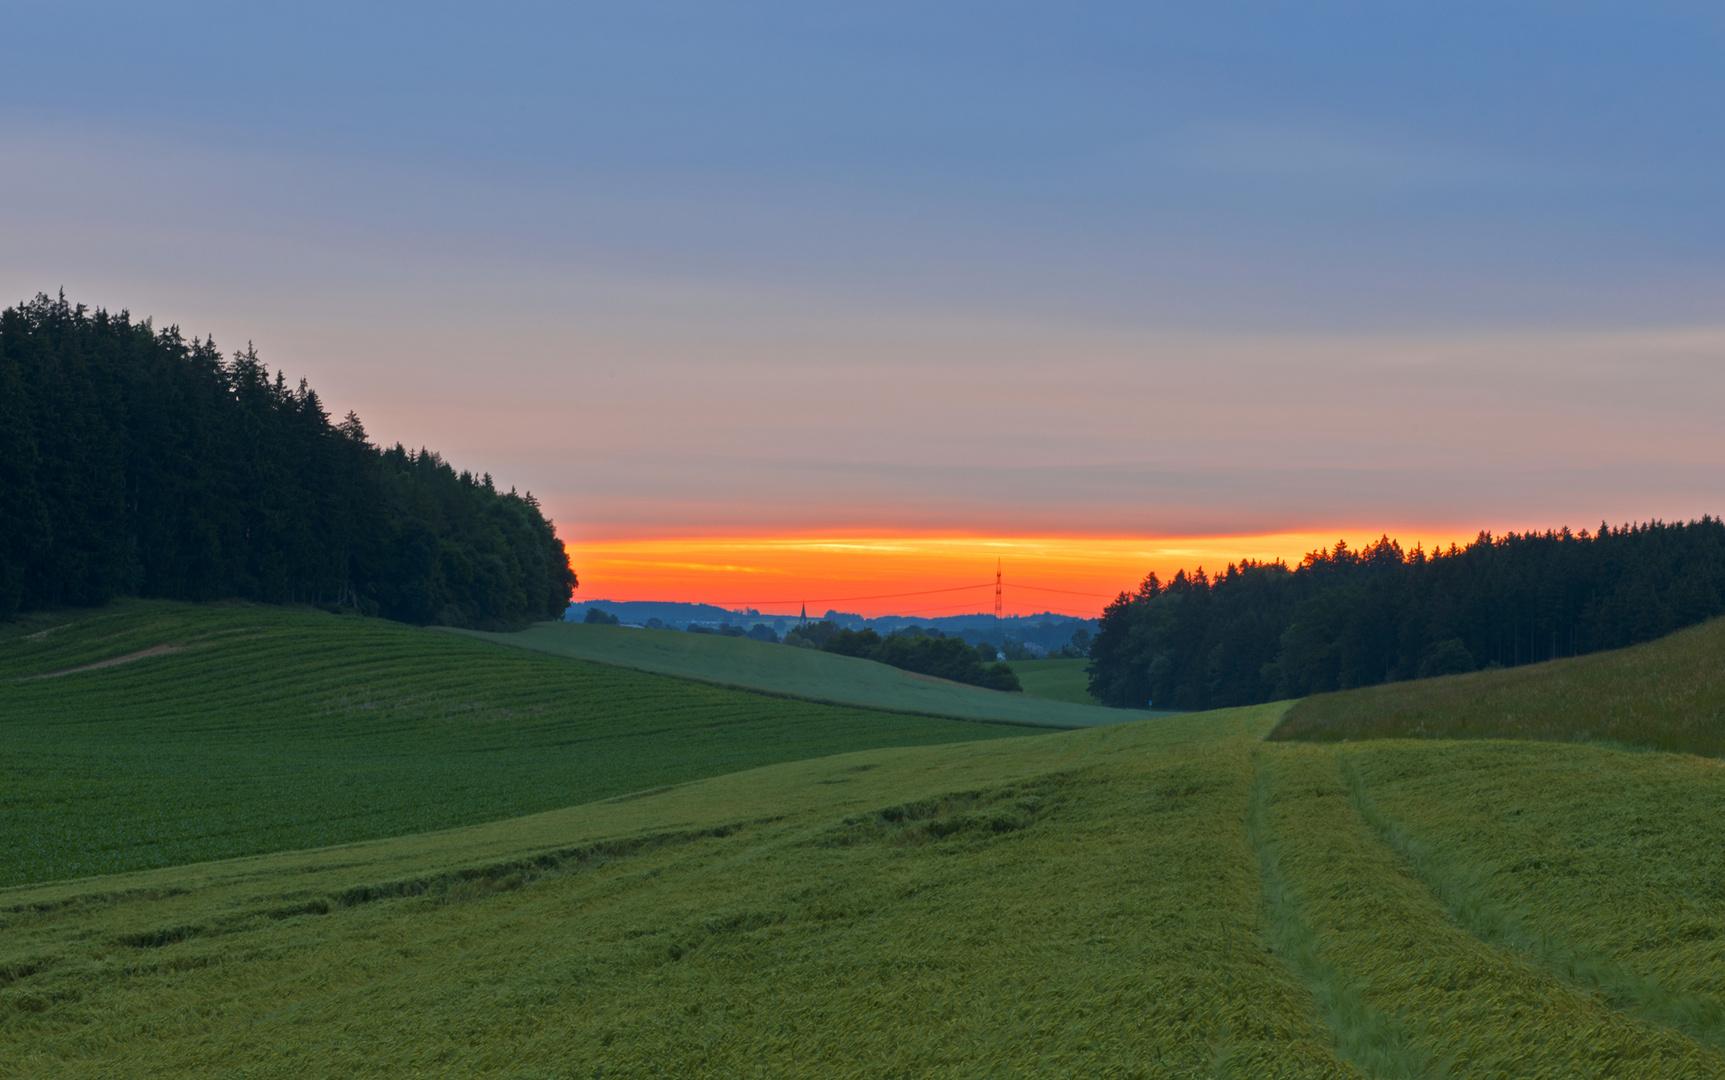 Auf der Suche nach dem Licht - Oberzell bei Friedberg